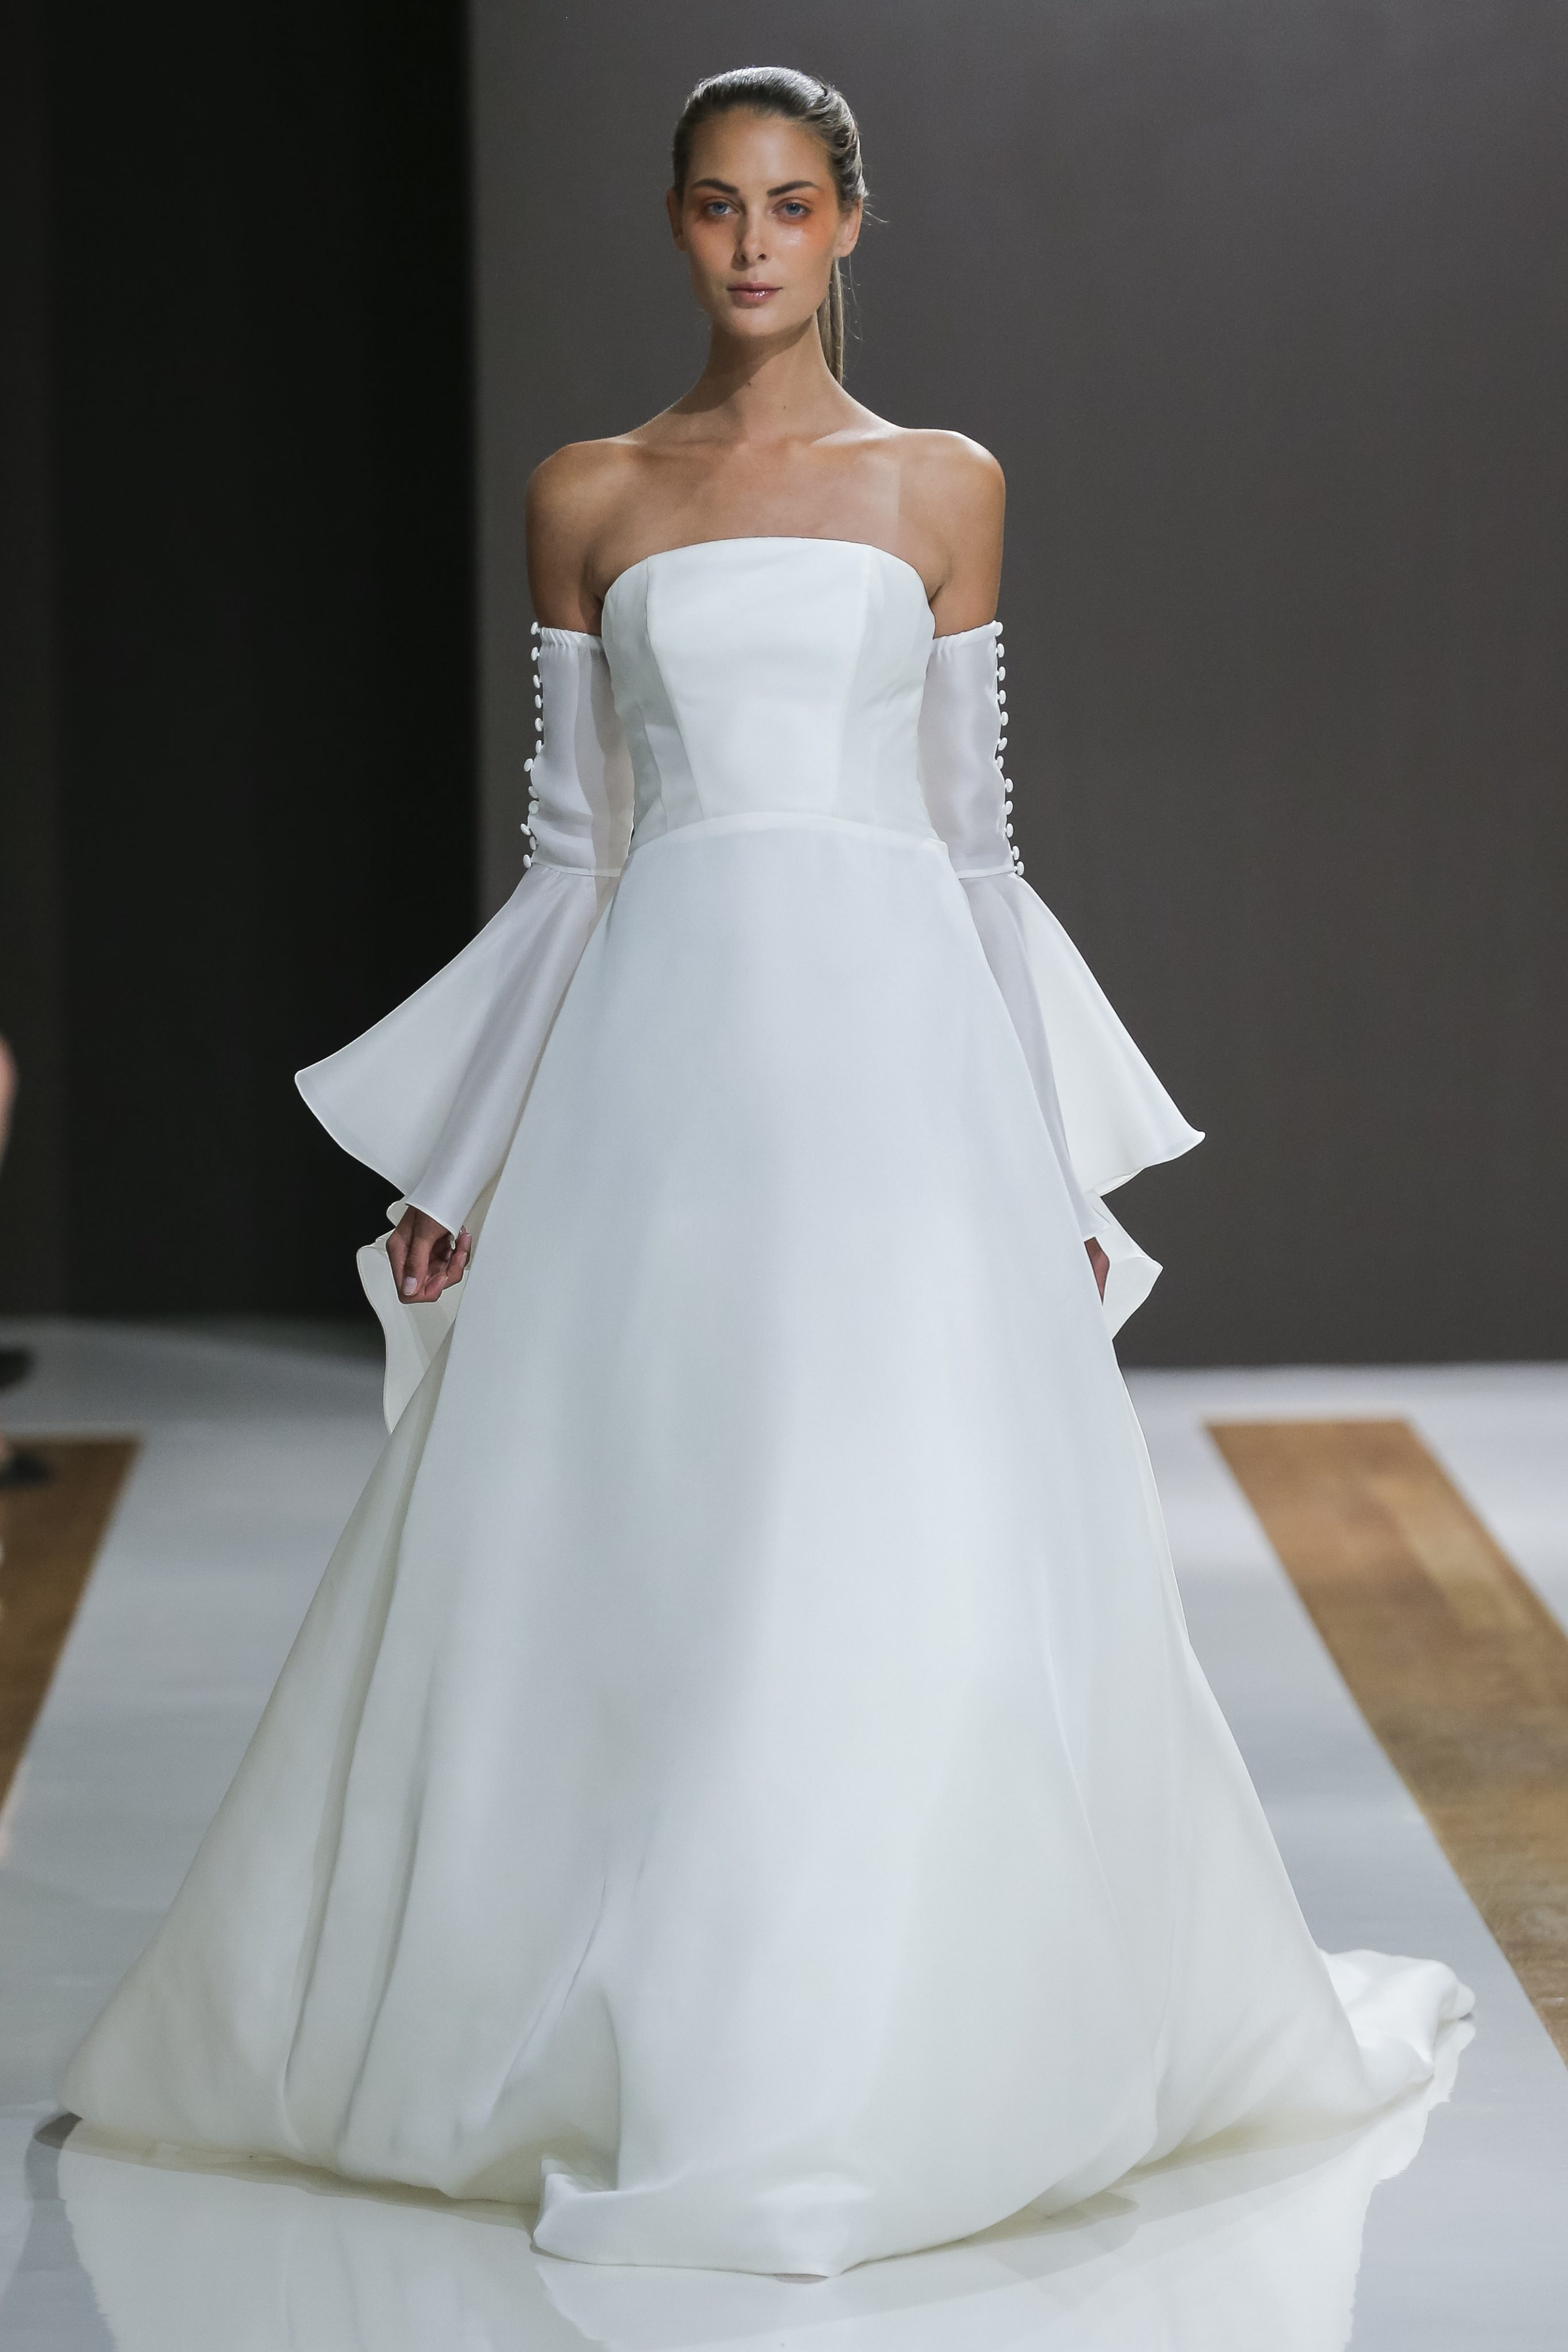 Strapless Natural Waist Ball Gown Wedding Dress | Kleinfeld Bridal